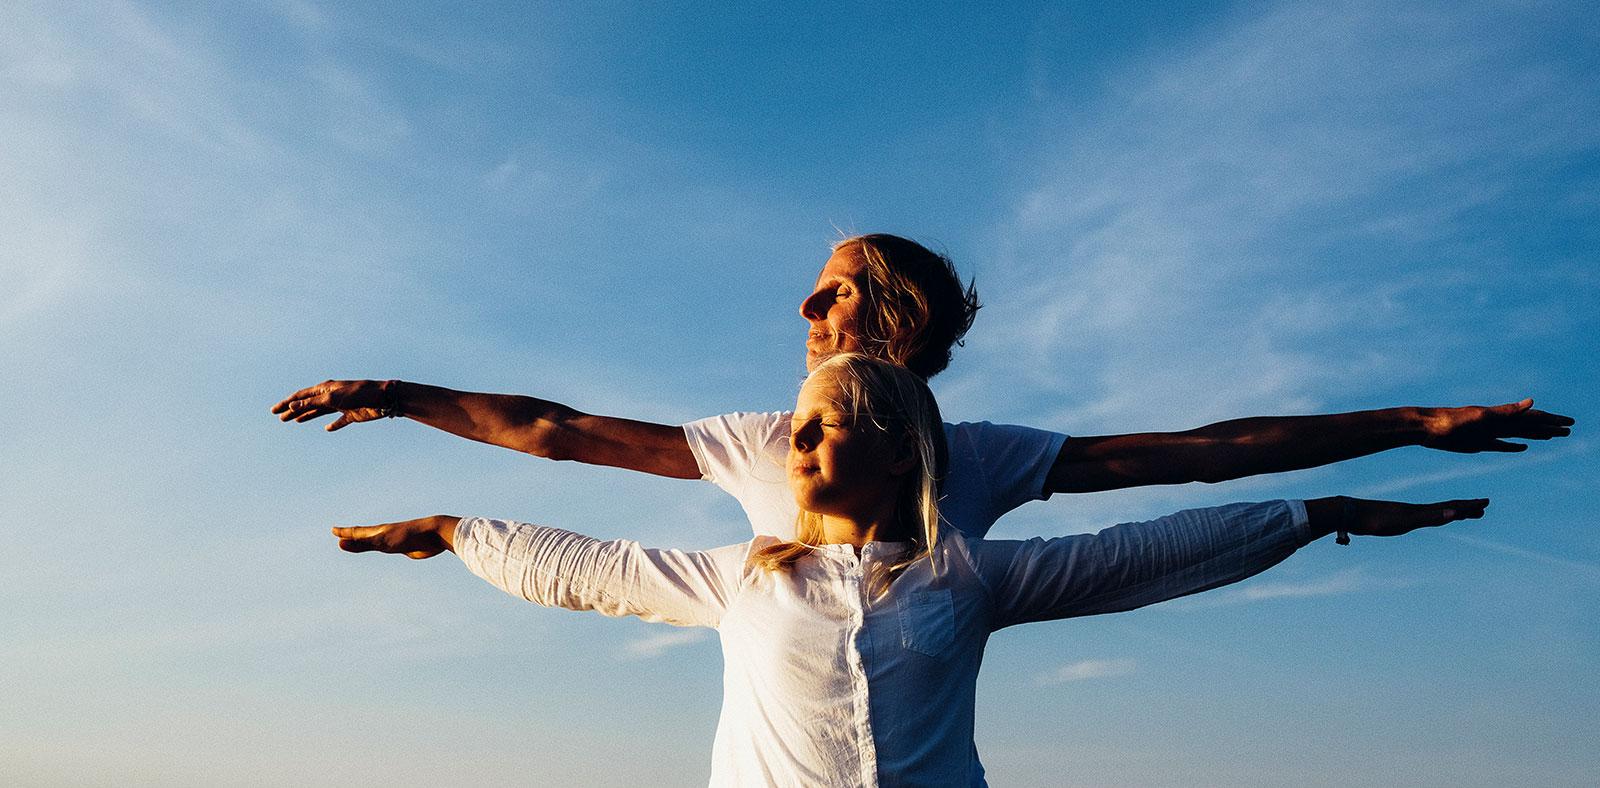 Slider Karin und Lena strecken die Arme aus: - Frei wie ein Vogel